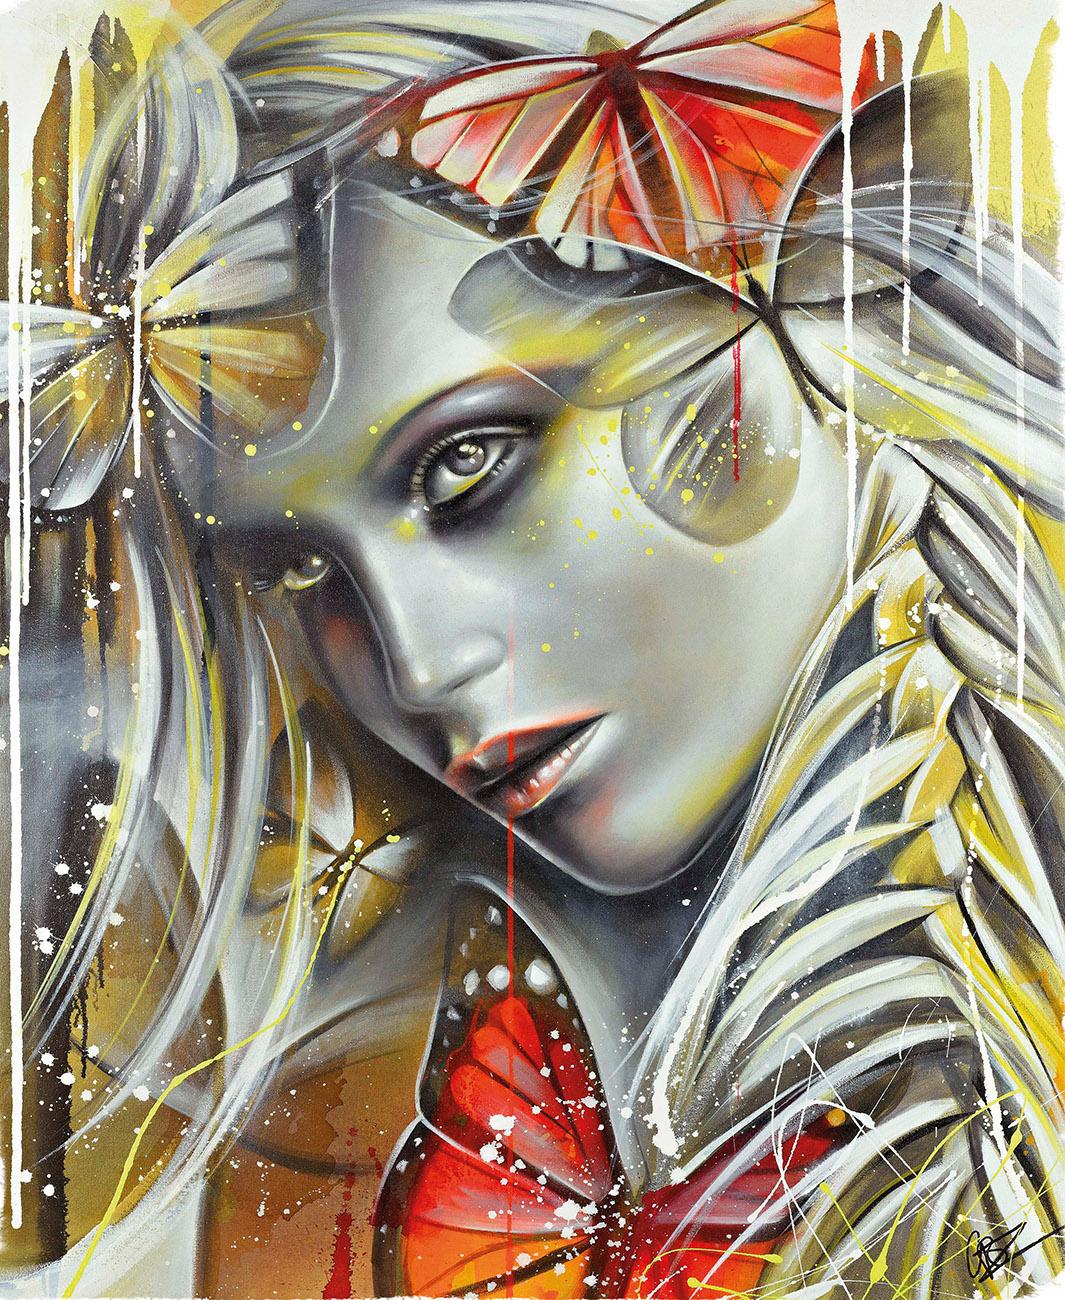 Transcendence by Emma Grzonkowski